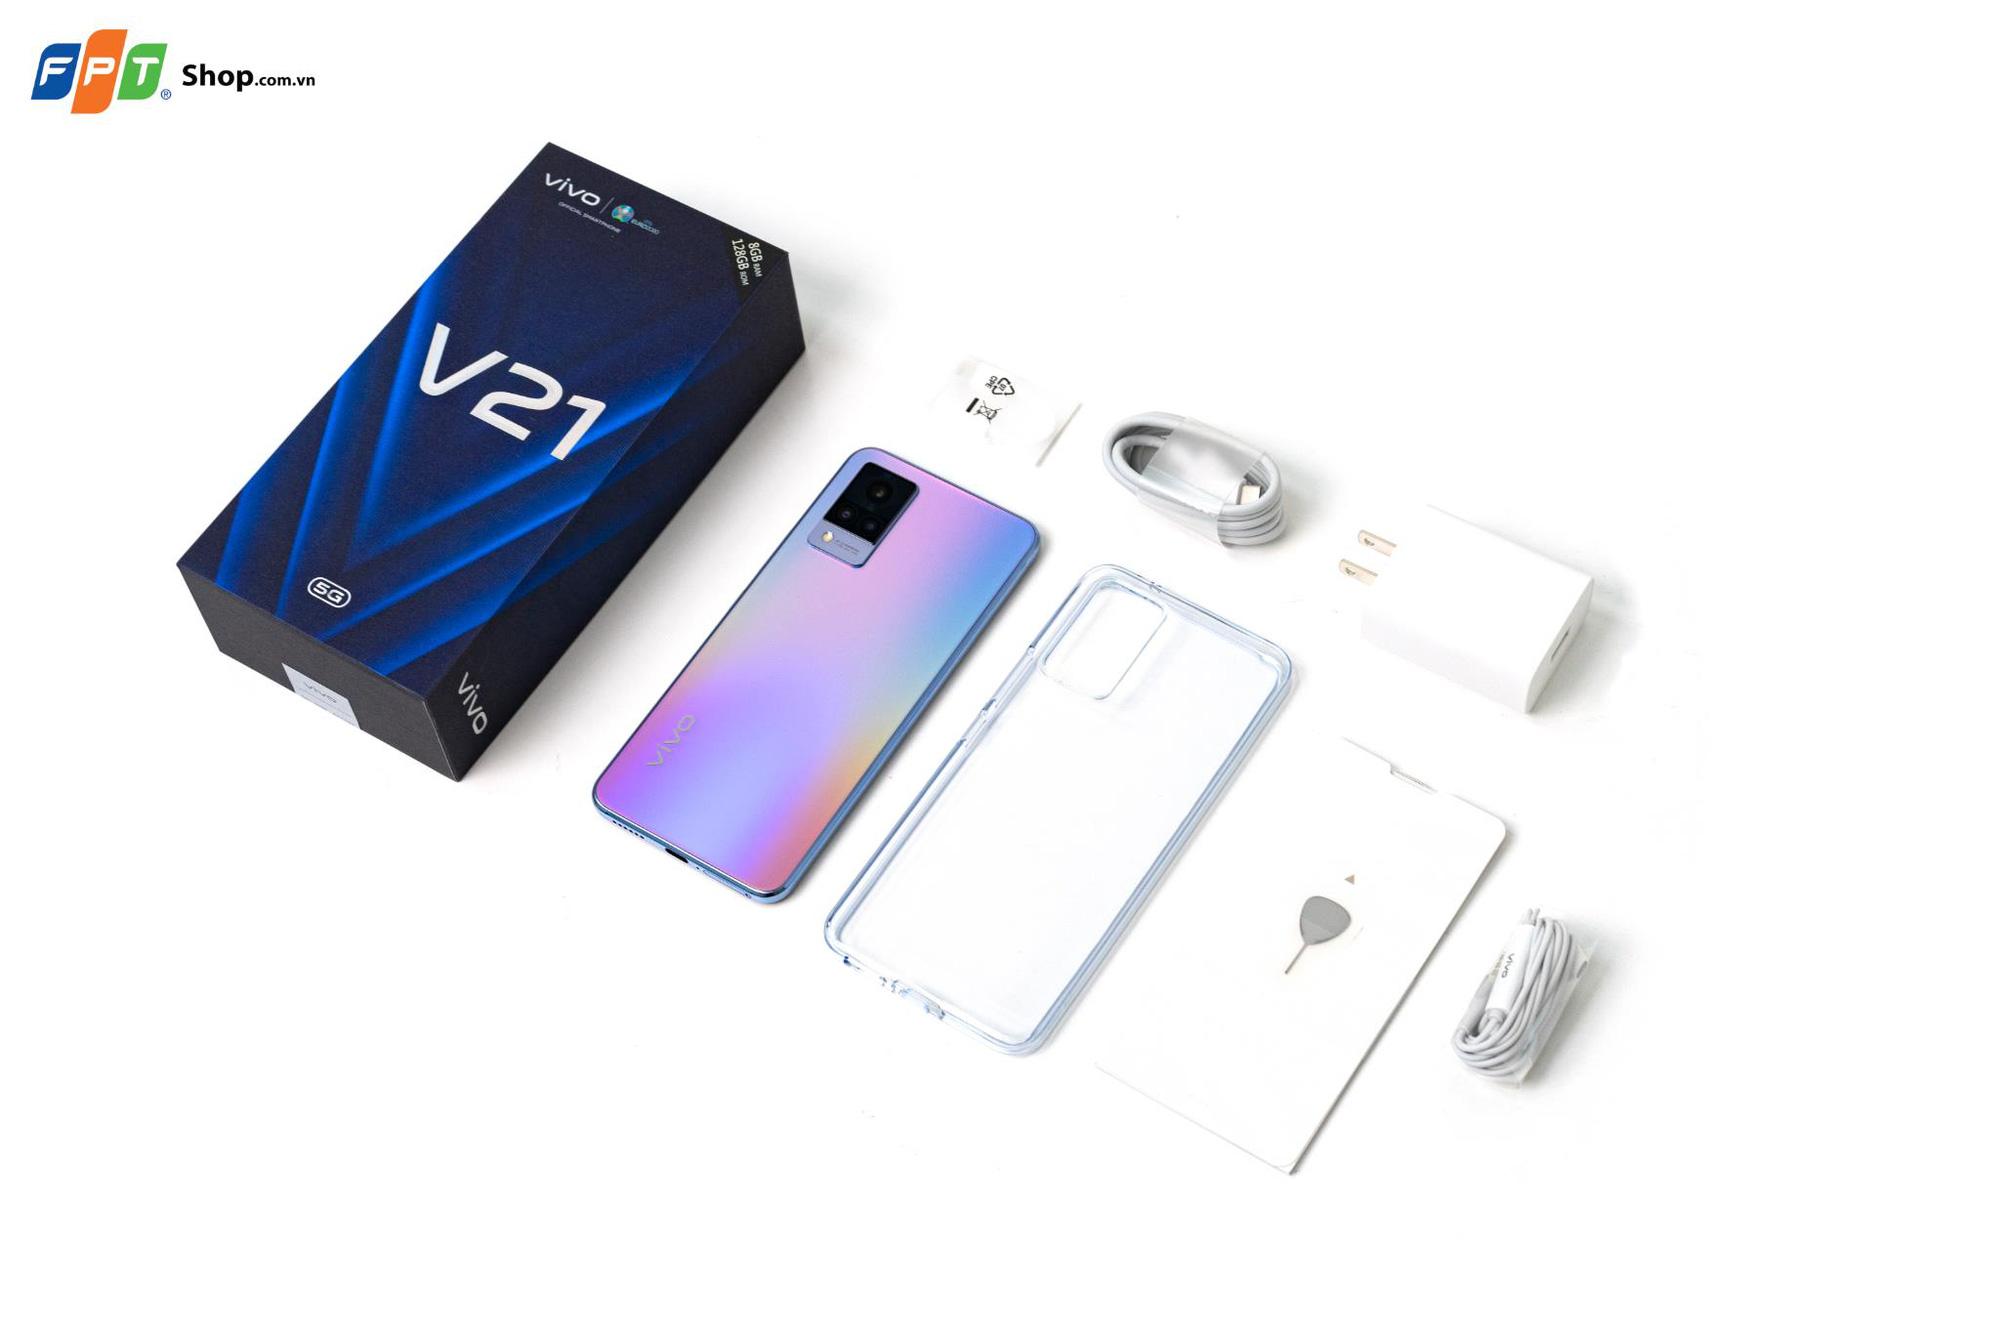 Đặt trước vivo V21 5G tại FPT Shop, nhận ưu đãi đến 2 triệu đồng - Ảnh 2.